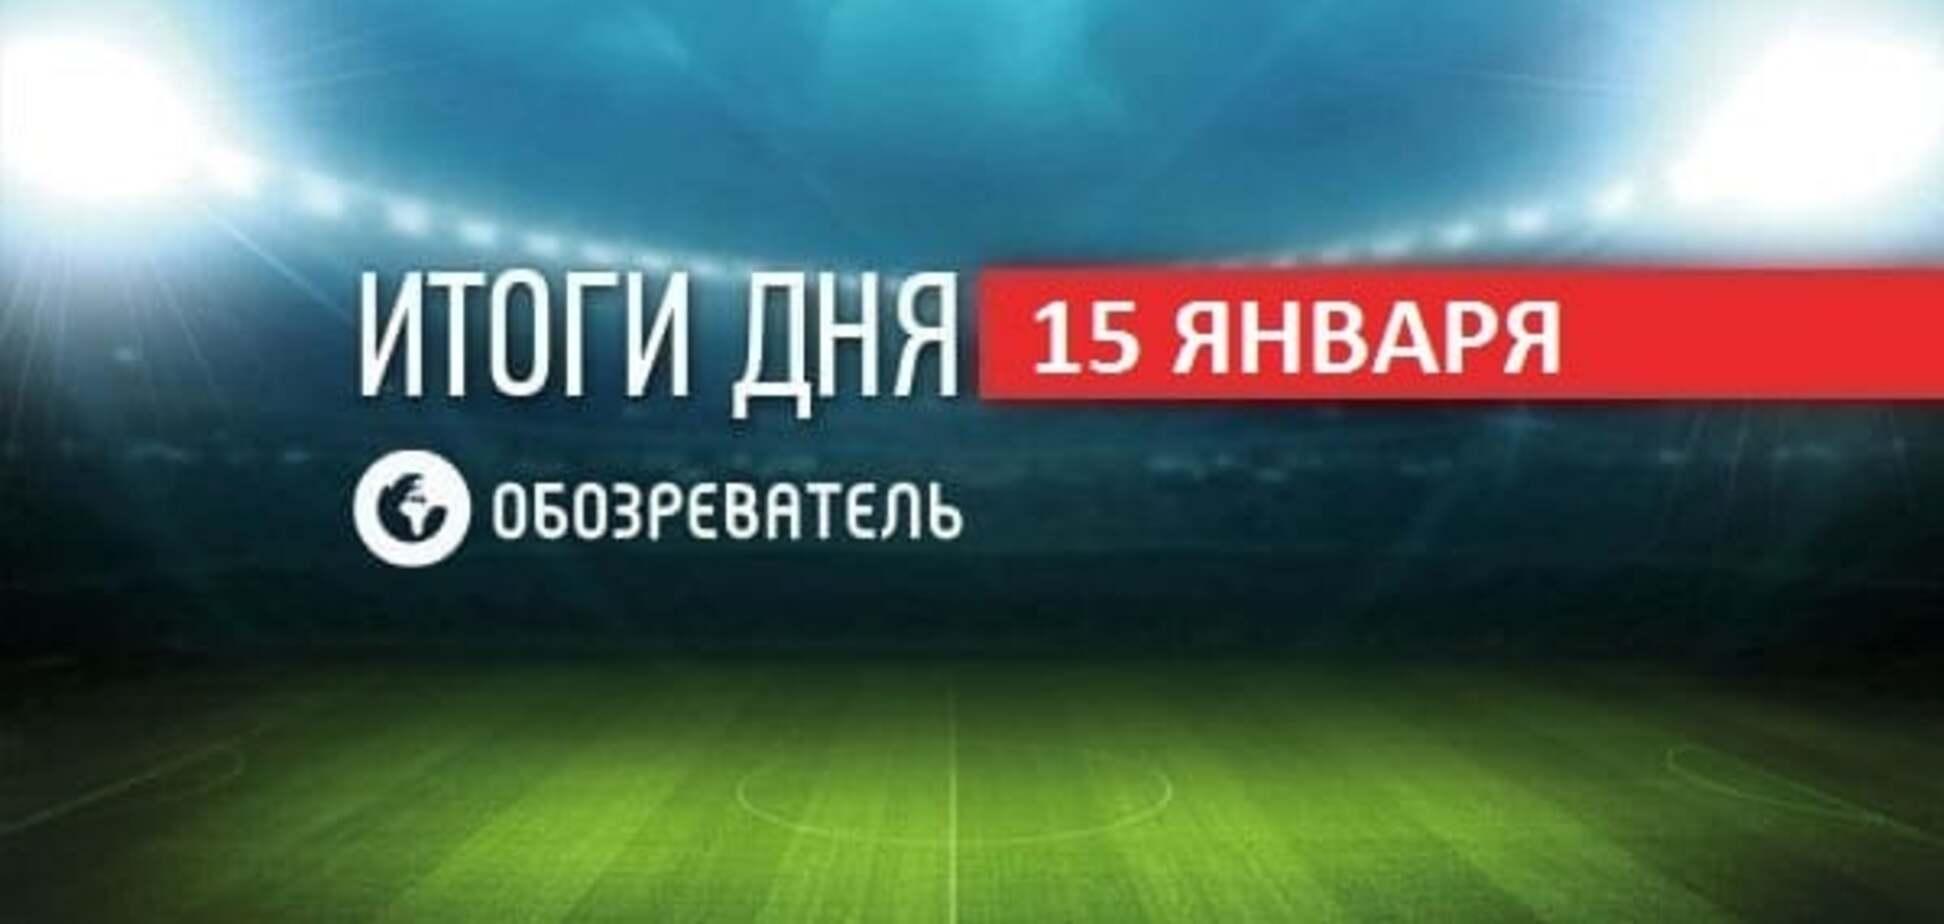 Україна бойкотує російський ЧЄ. Спортивні підсумки 15 січня